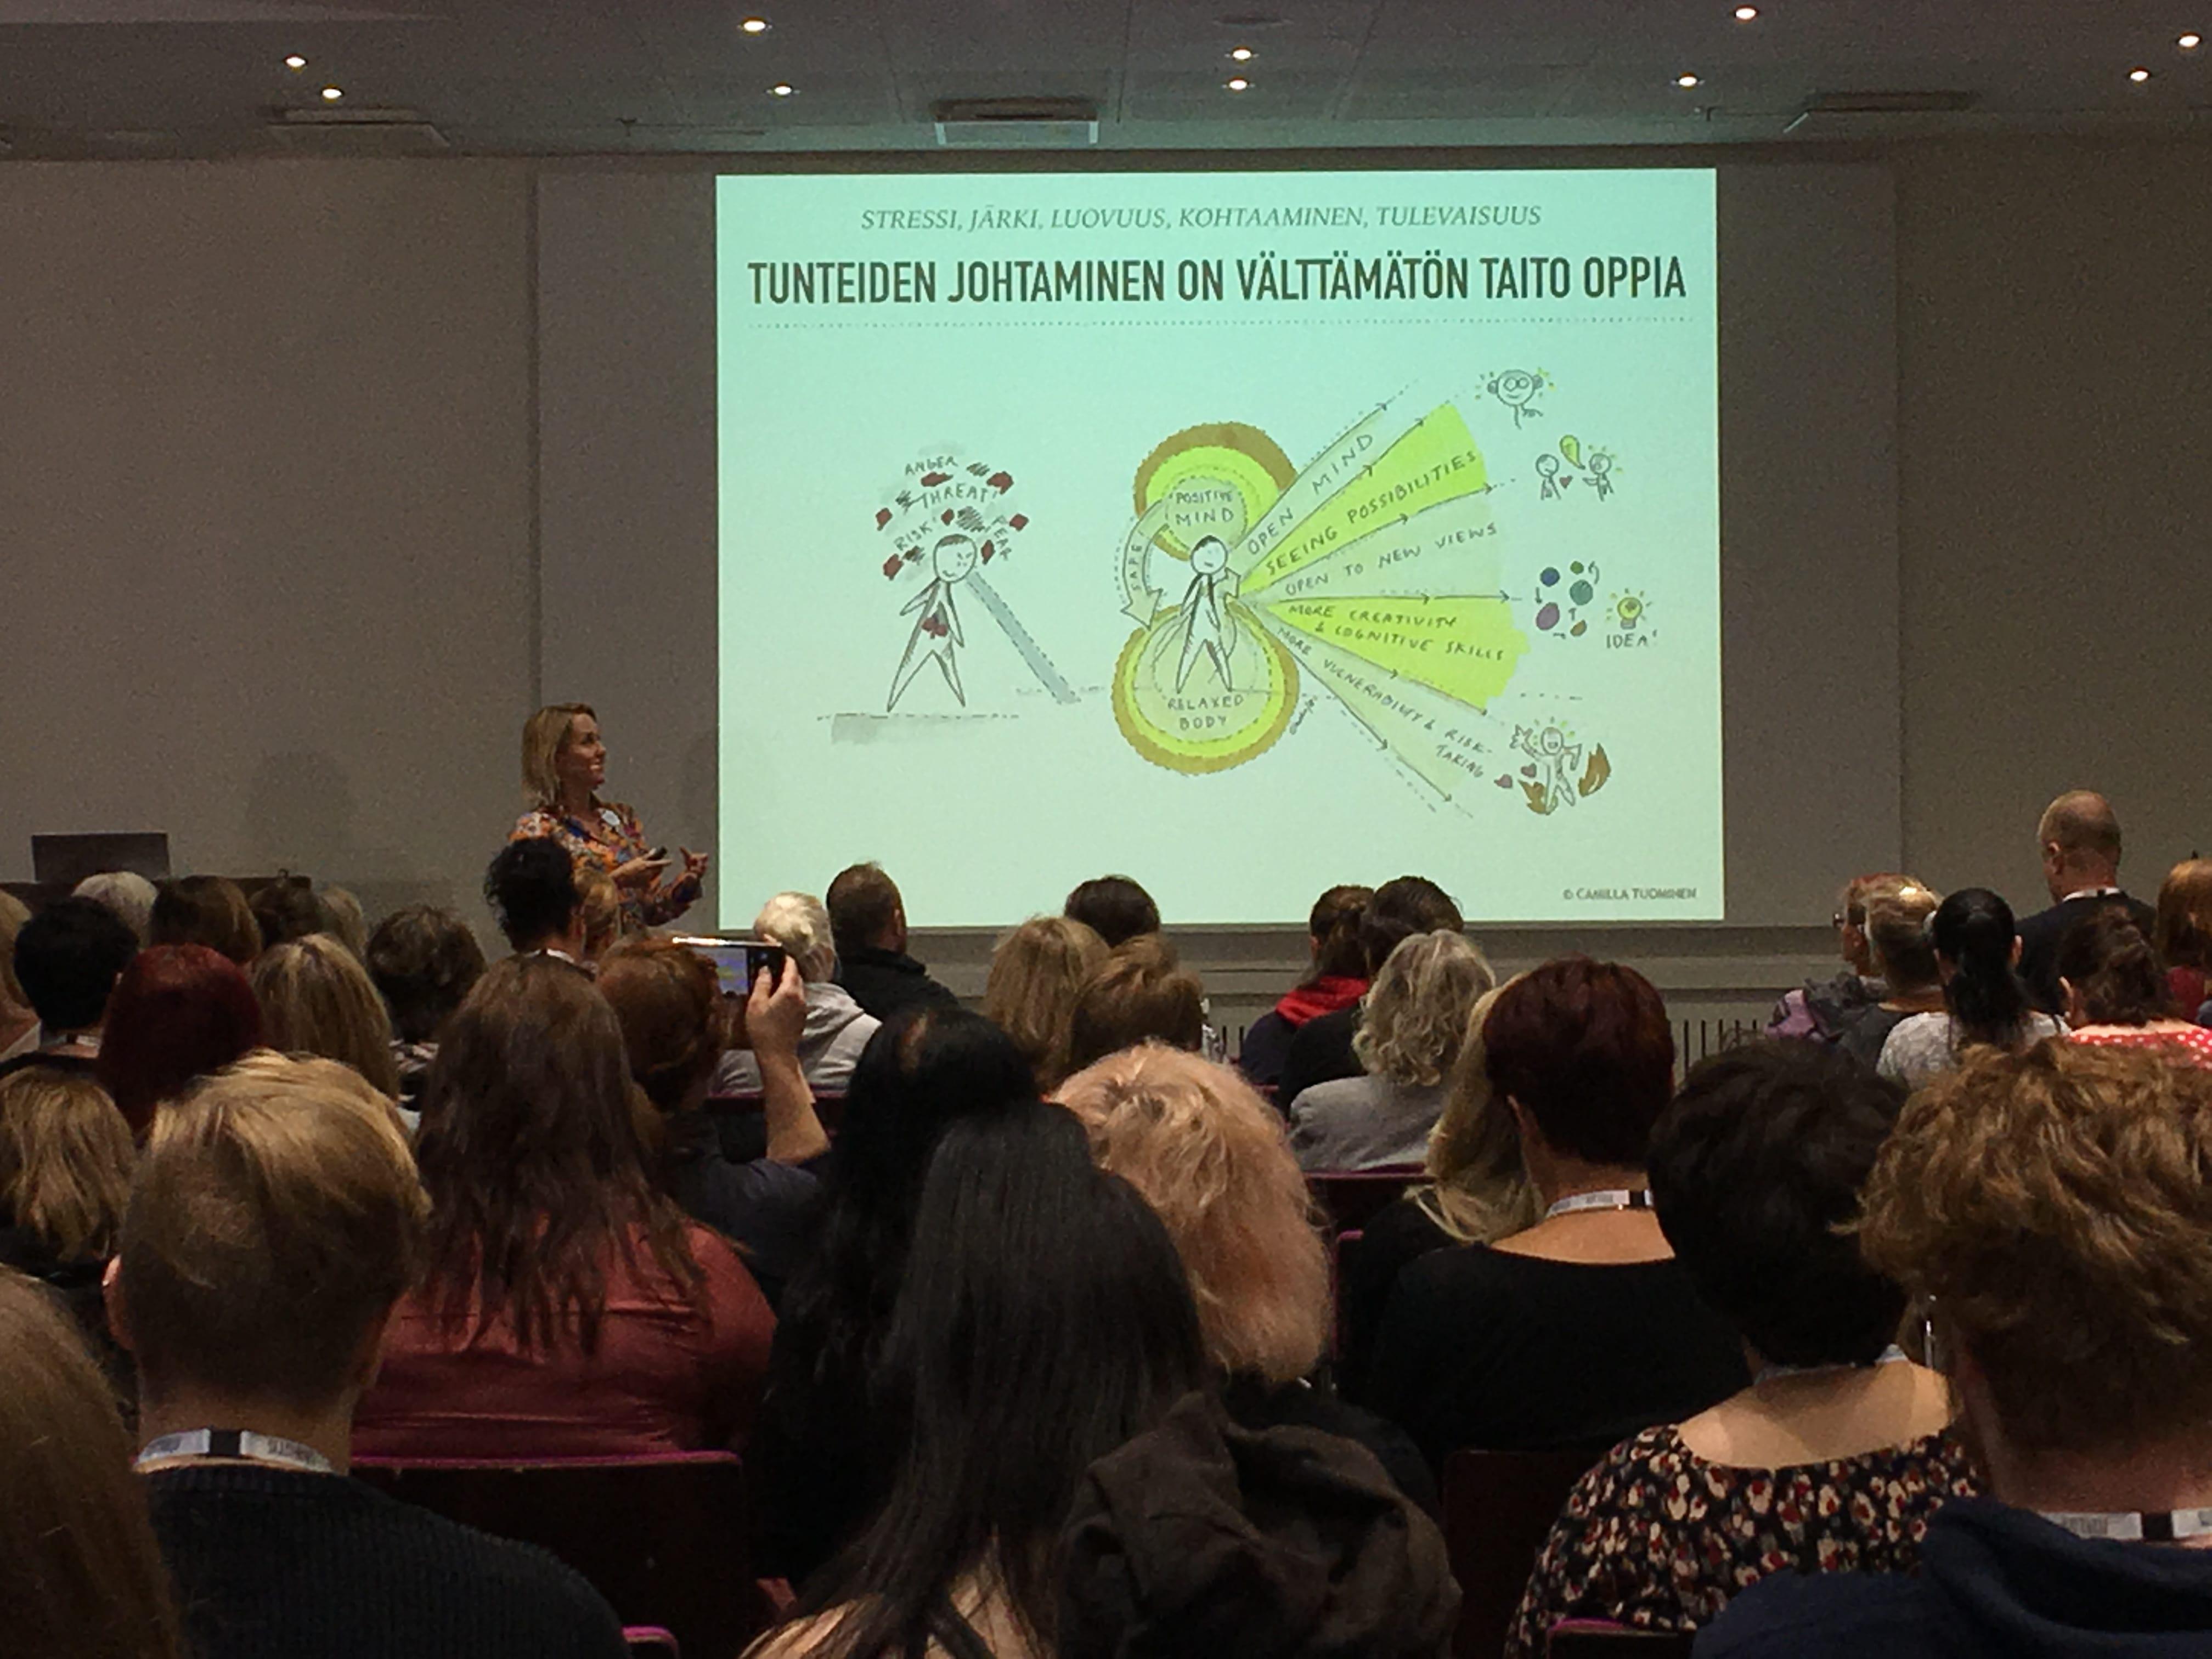 Tunne työsi seminaarissa yleisöä ja Camilla Tuominen puhumassa tunteiden johtamisesta